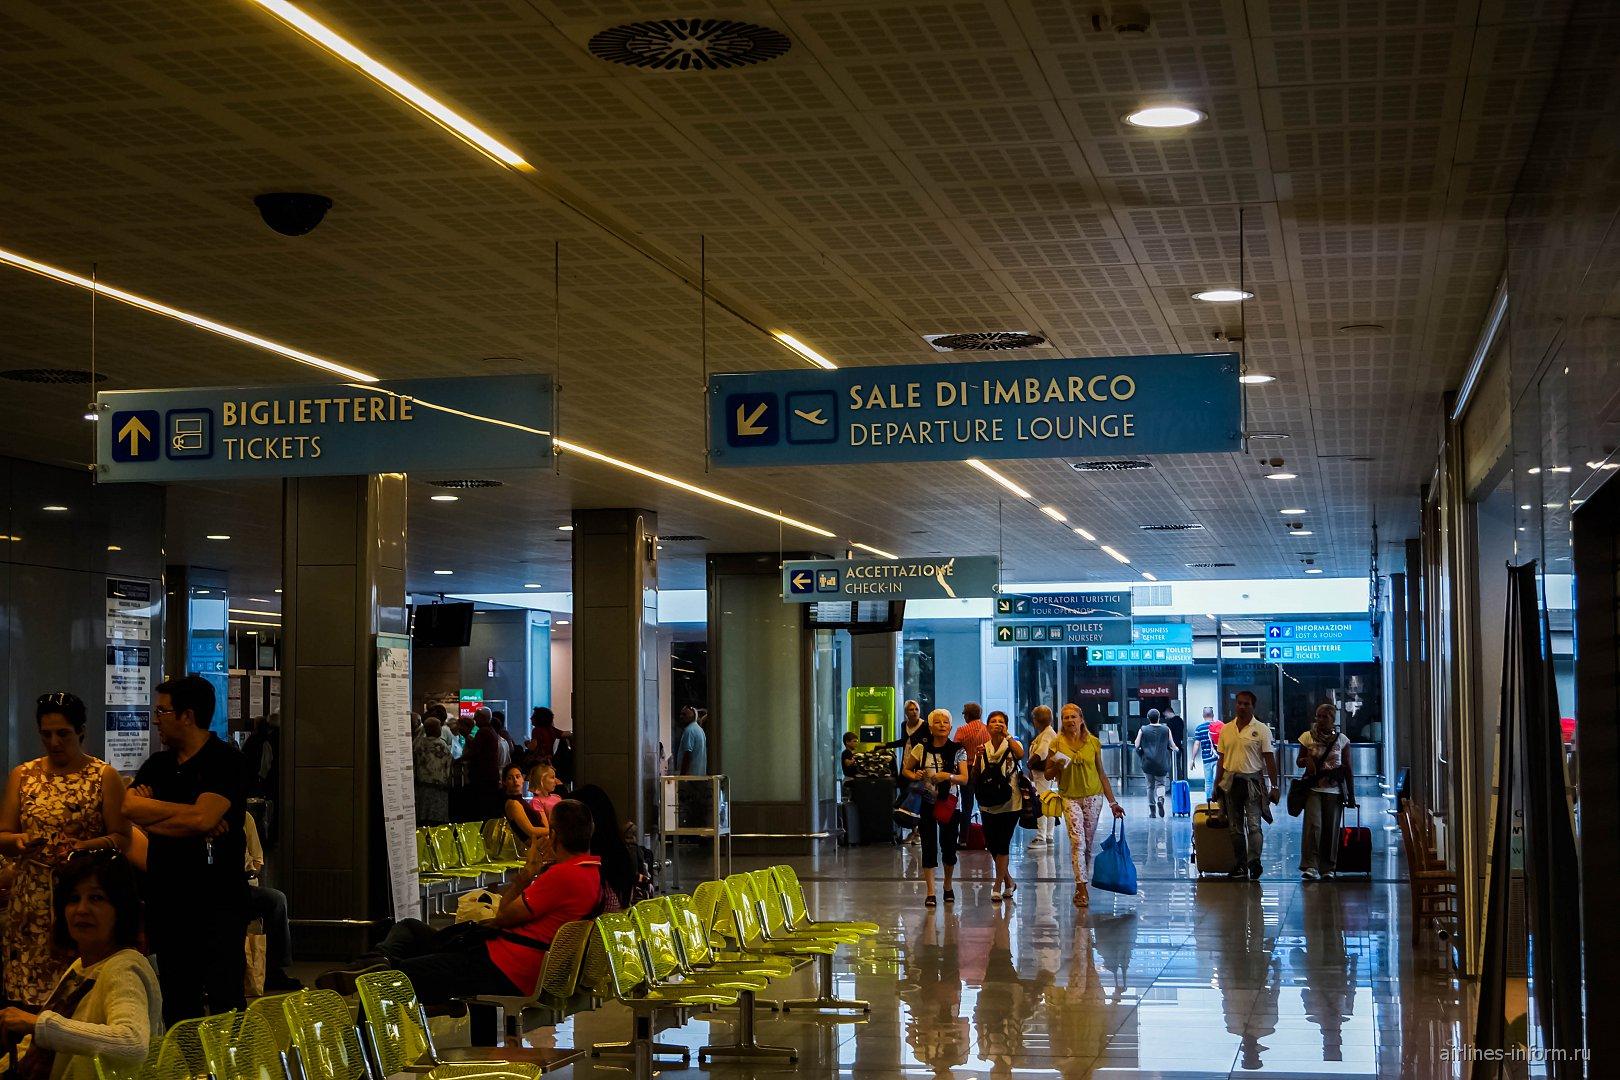 В пассажирском терминале аэропорта Бриндизи Саленто